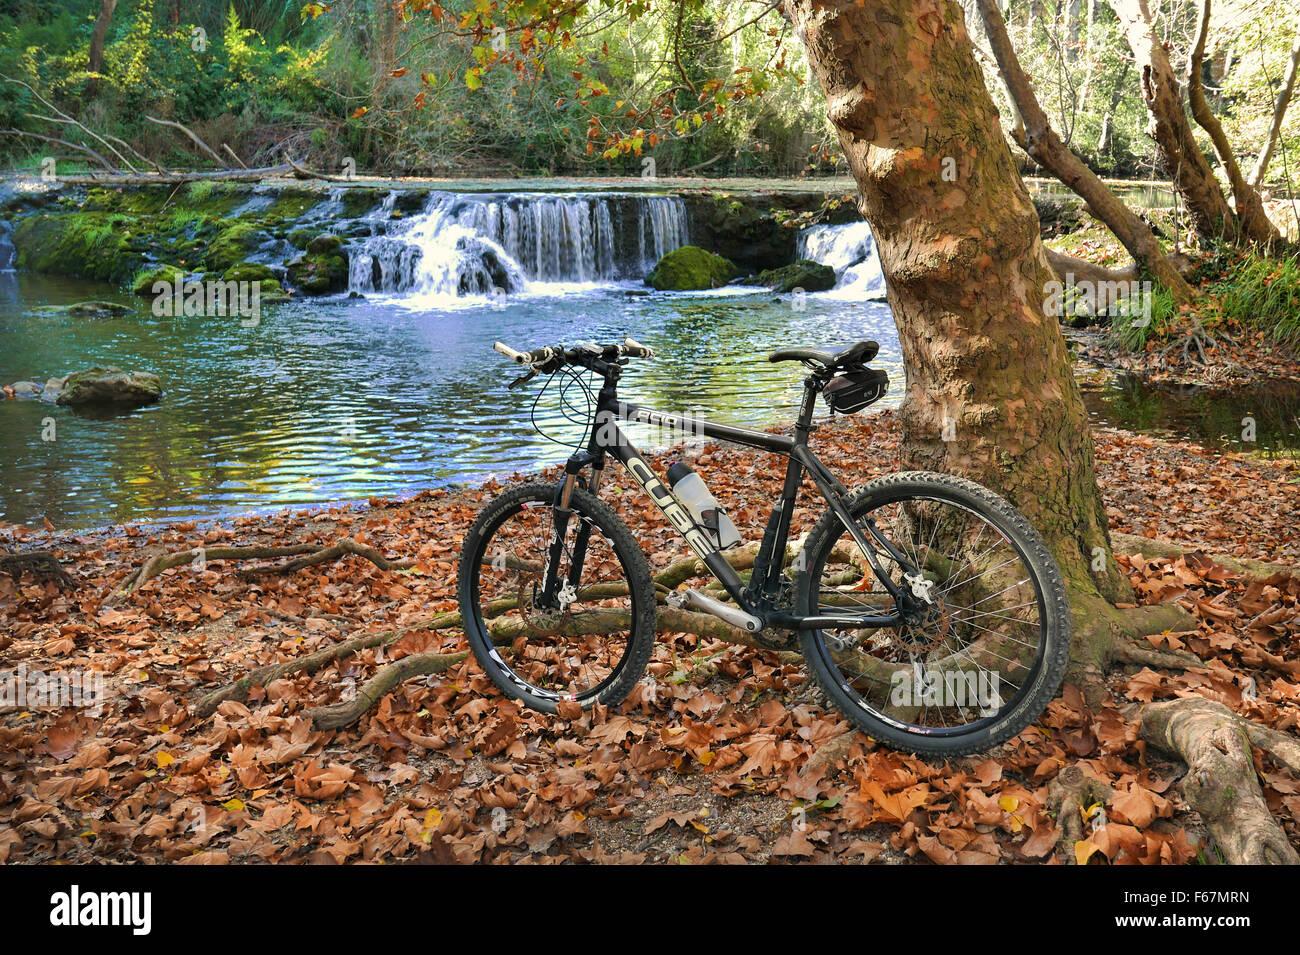 Mountain bike trail riding near me